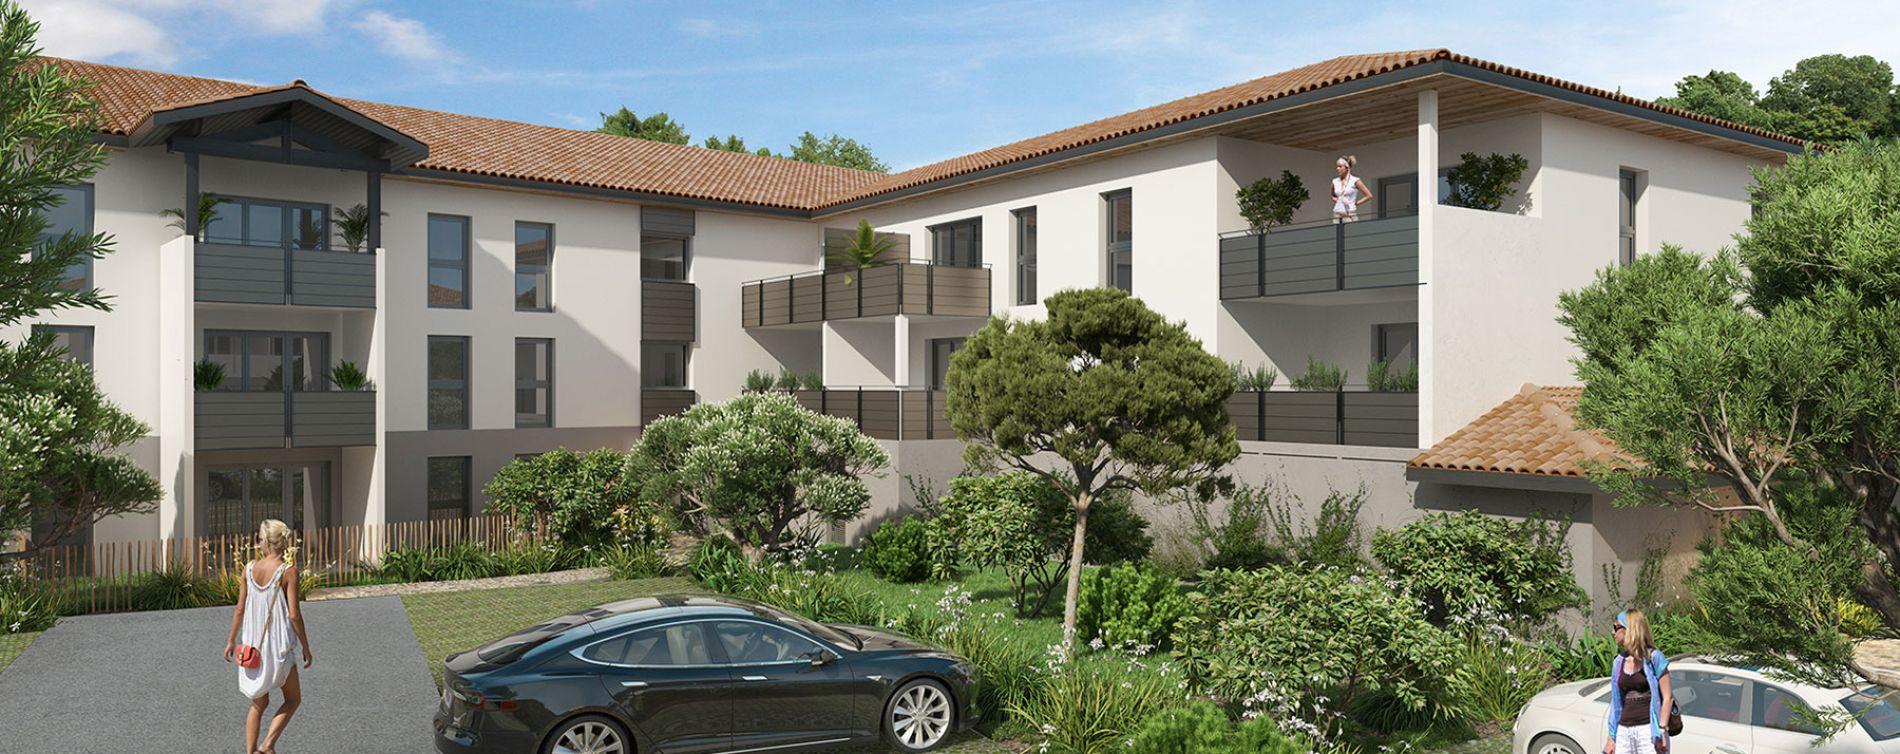 Saint-Paul-lès-Dax : programme immobilier neuve « Les Fauvettes »